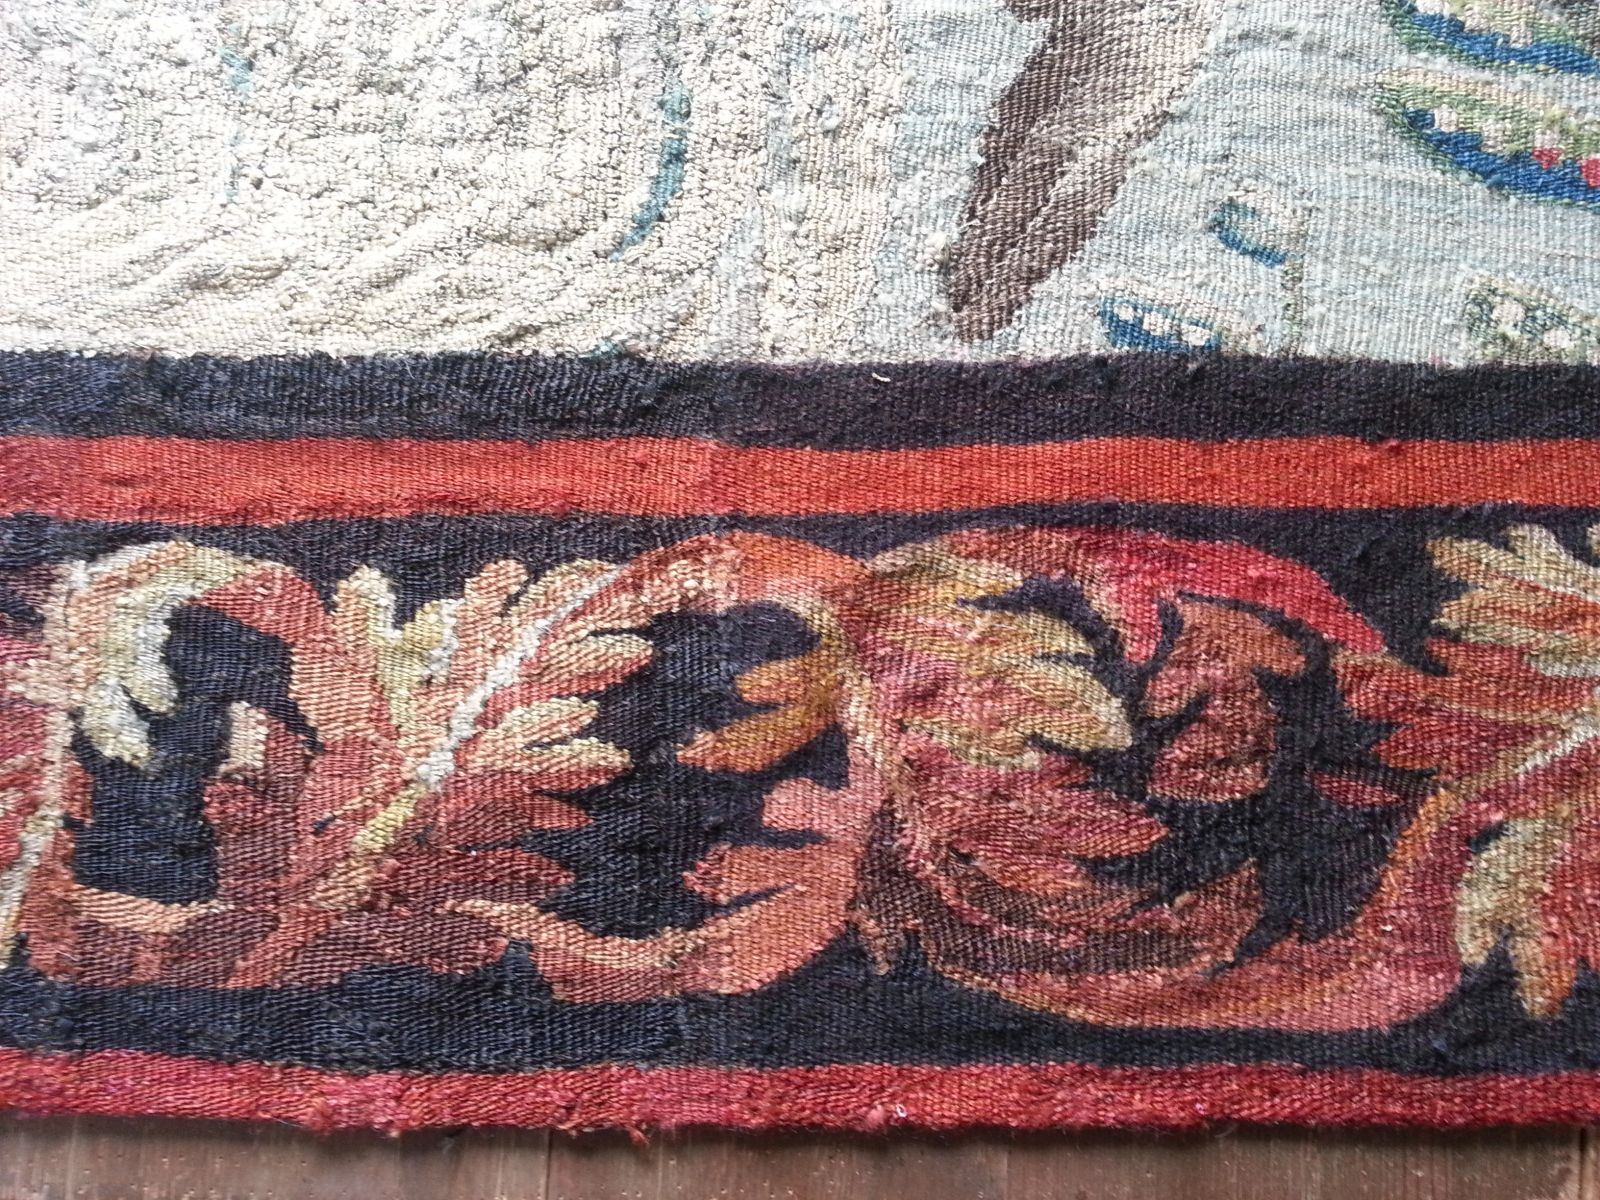 restauration d 39 une bordure d 39 une tapisserie d 39 aubusson tissage et recoloration des anciennes. Black Bedroom Furniture Sets. Home Design Ideas